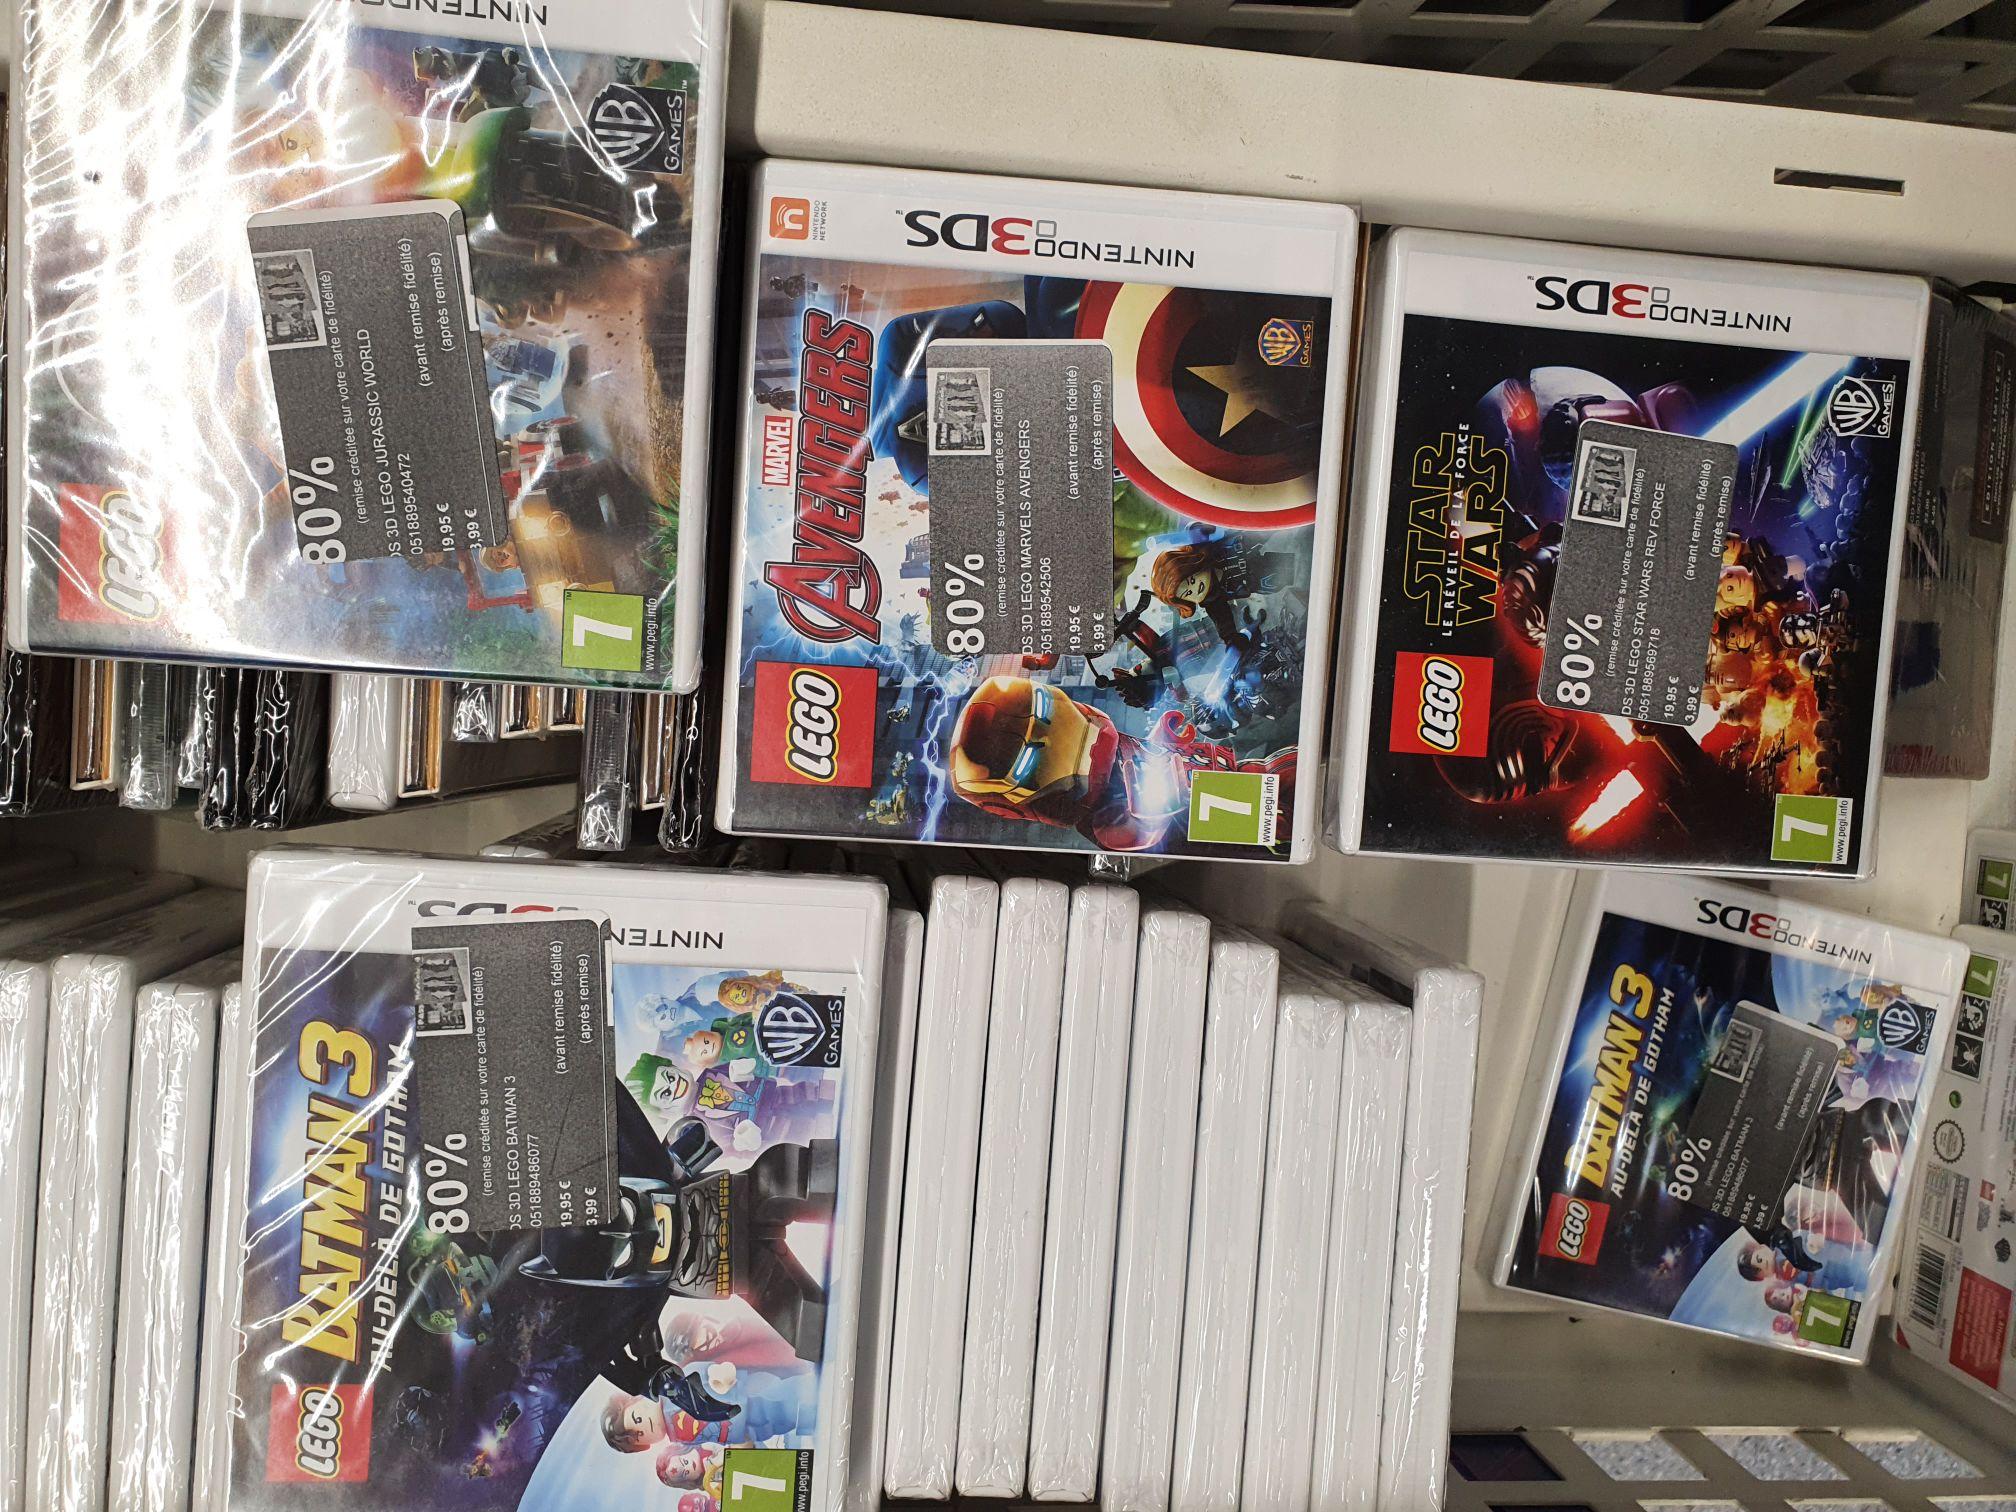 Sélection de jeux vidéos en promotion - Ex: Lego Batman 3 sur Nintendo 3DS (Via 15,96€ sur carte de fidélité) - Créteil (94)